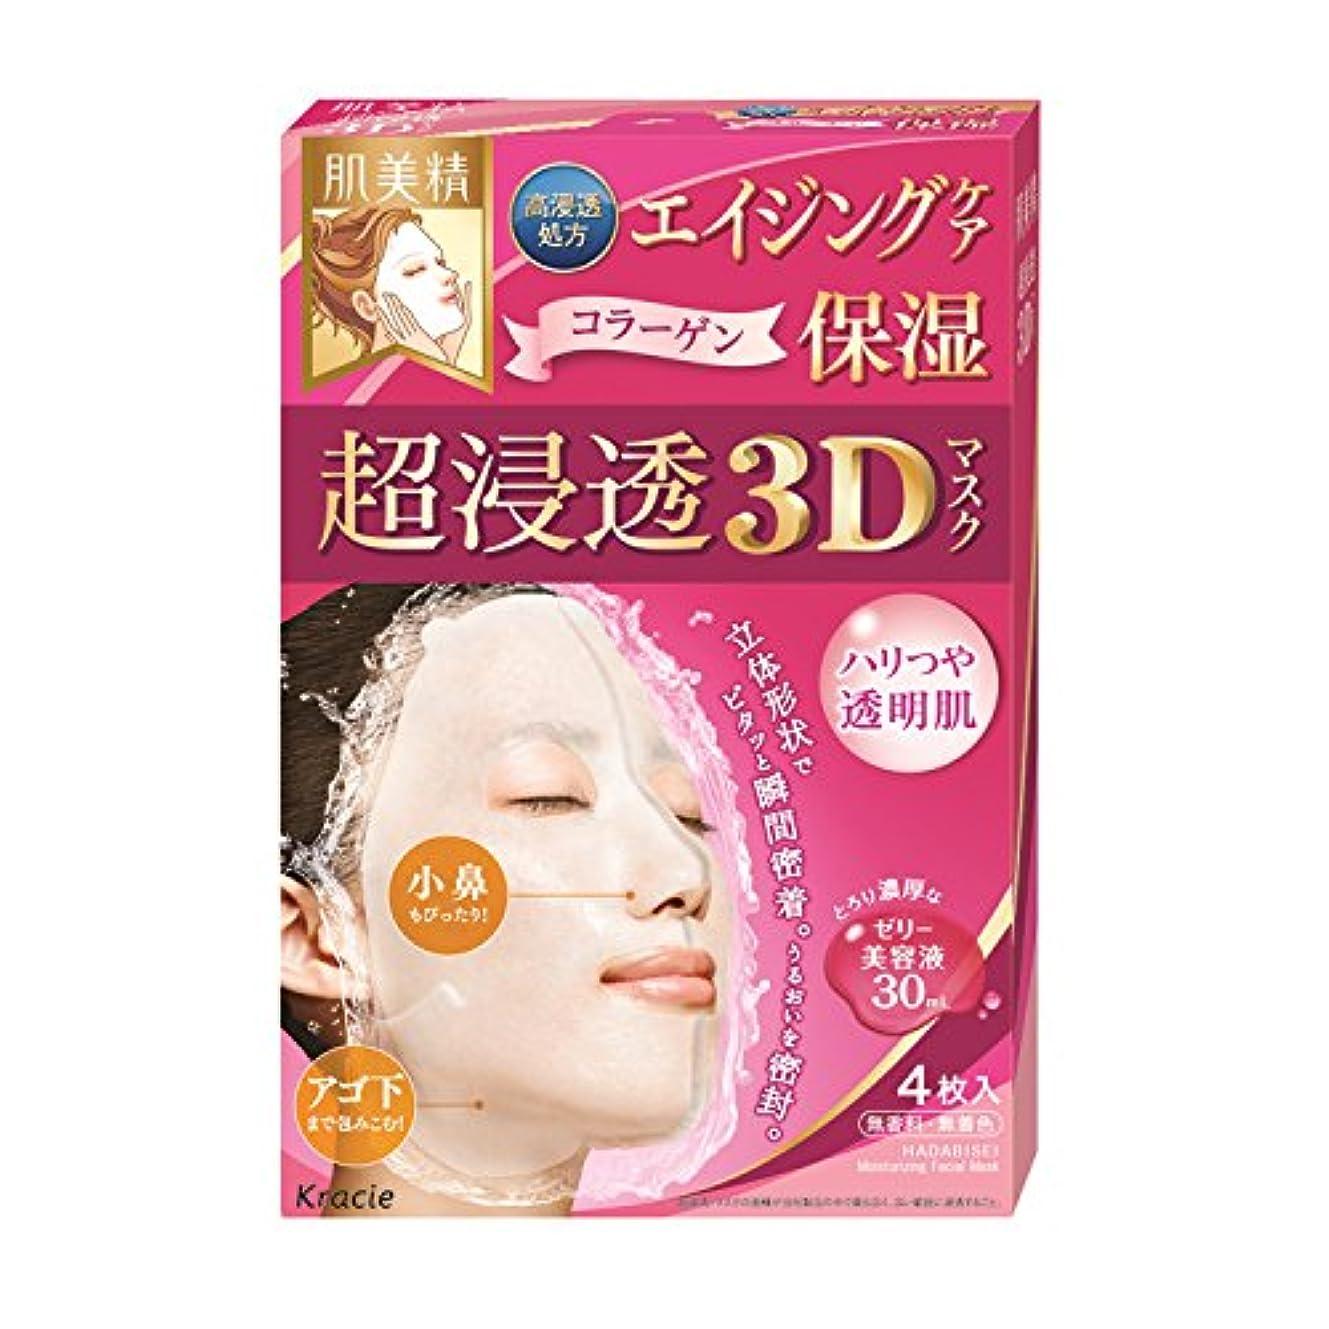 アイスクリーム成功した販売員肌美精 超浸透3Dマスク (エイジング保湿) 4枚